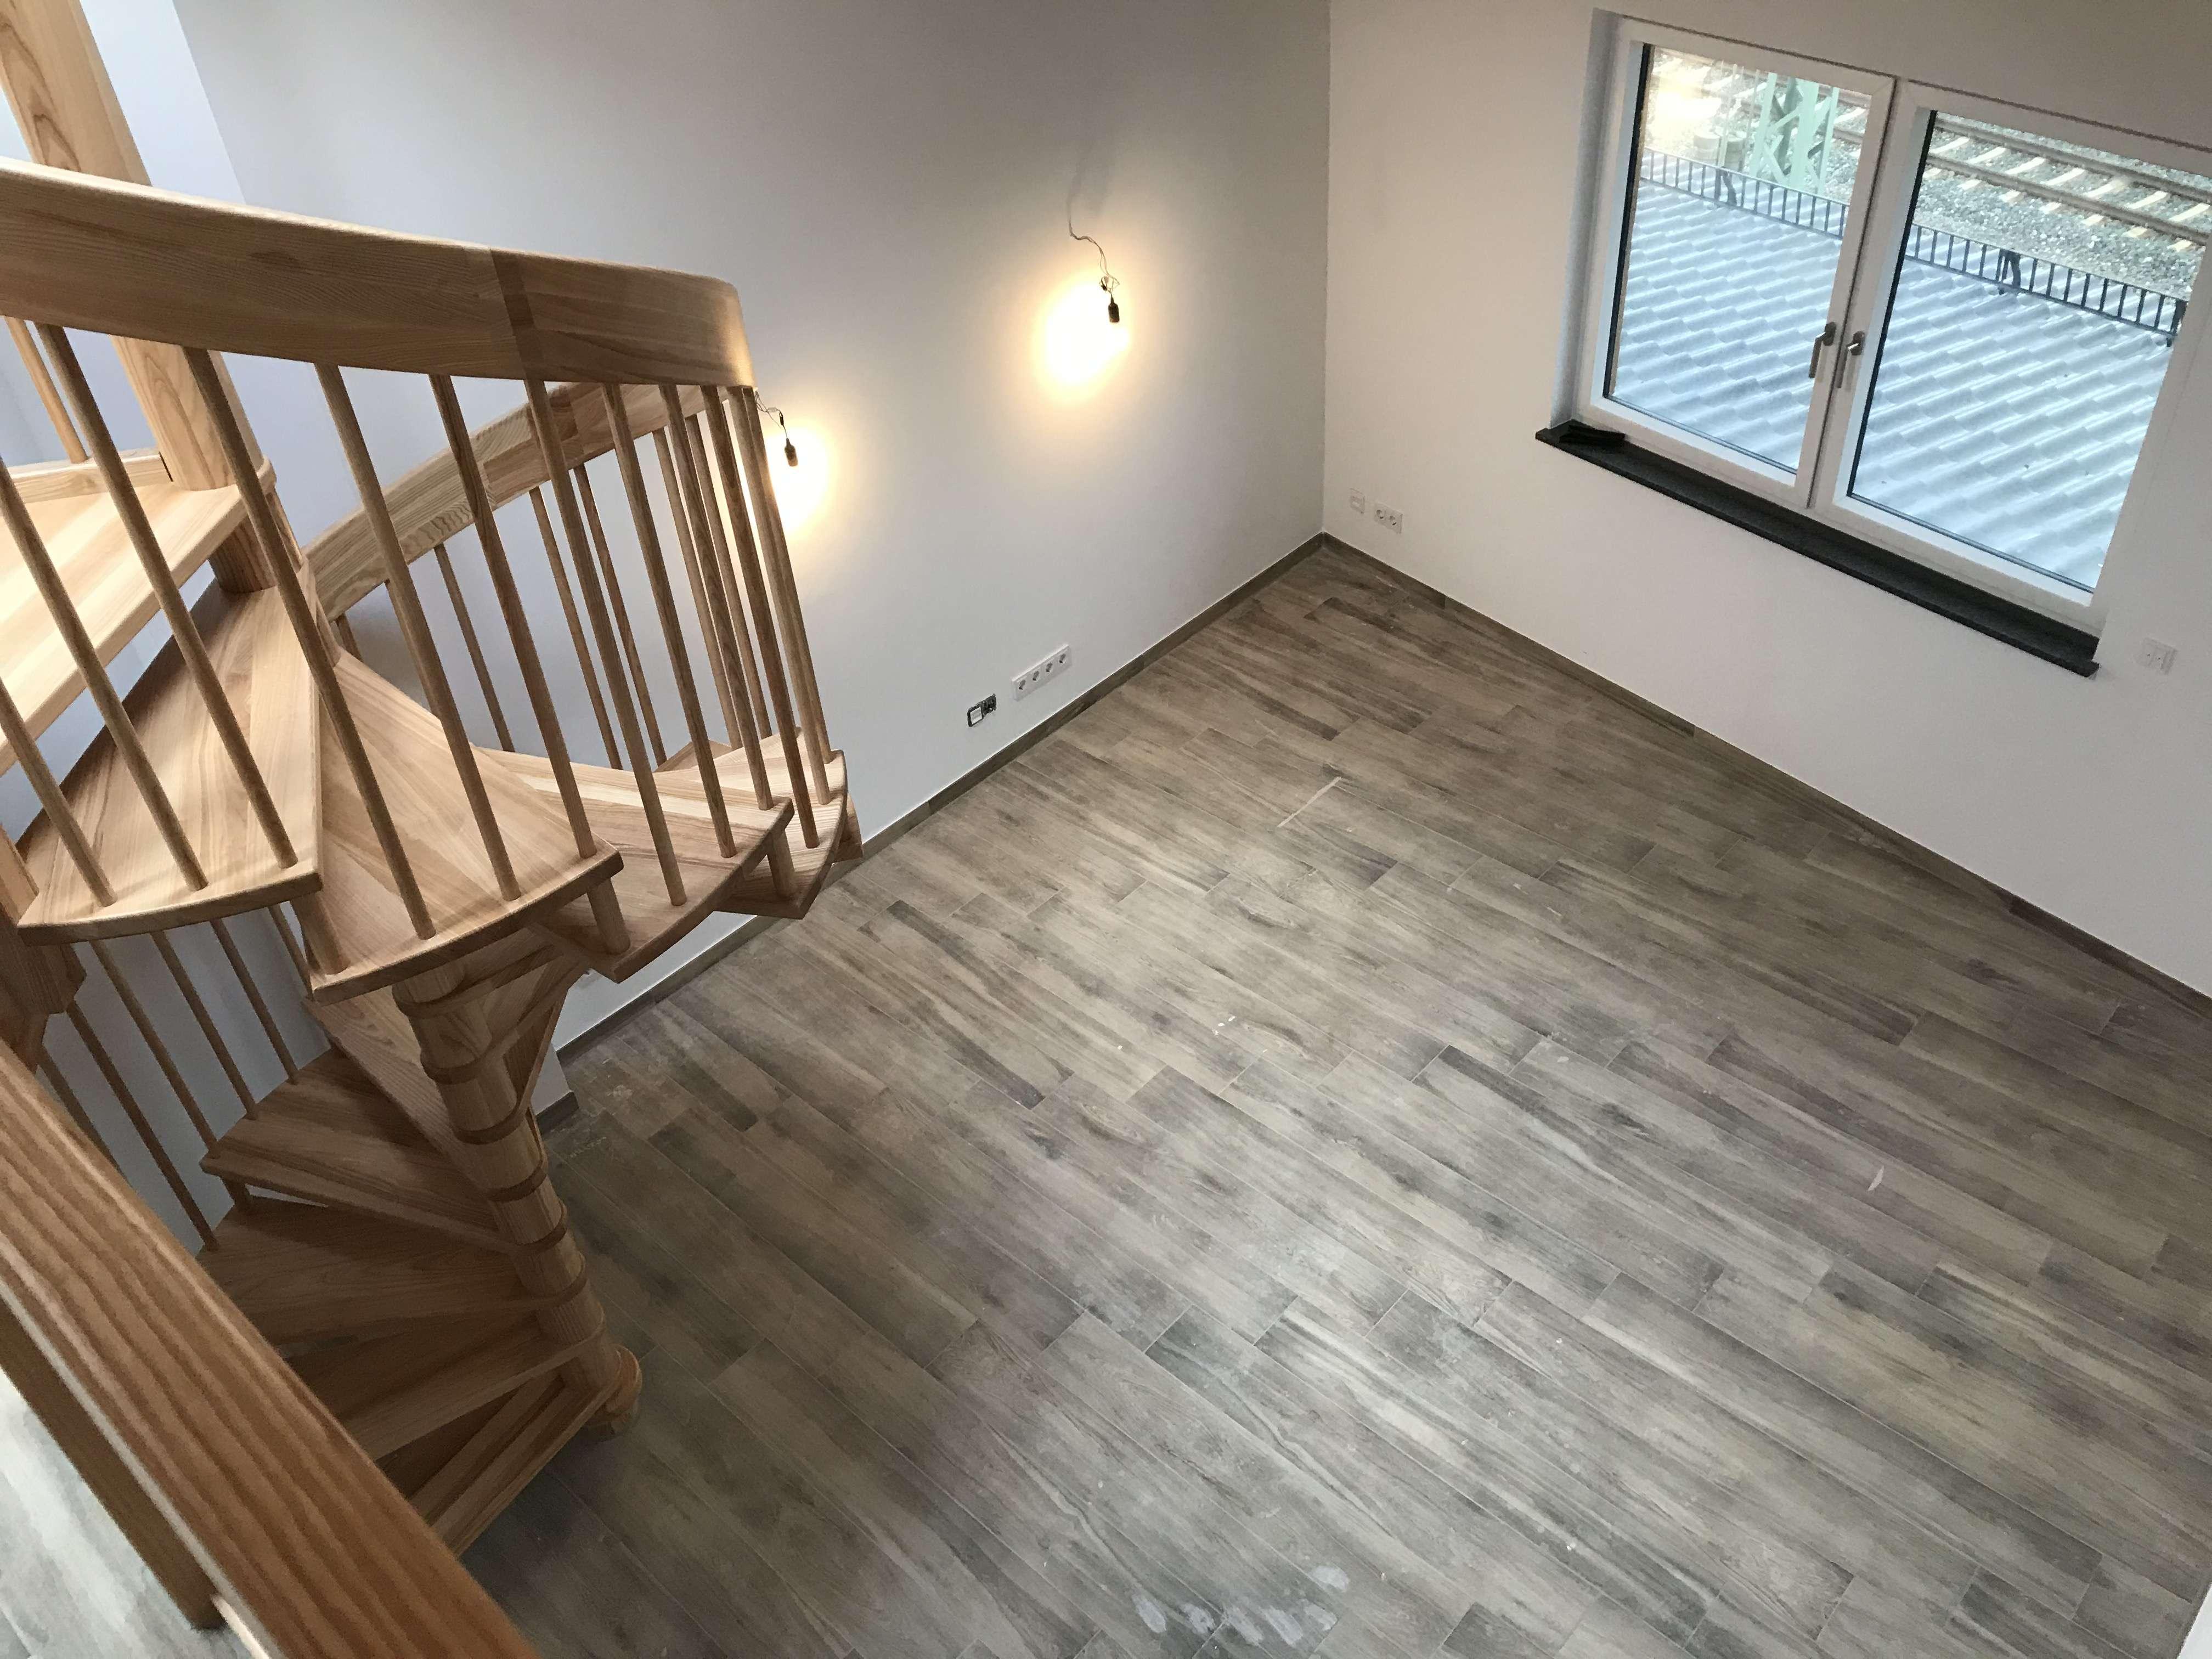 Nr. 22 Wunderschöne 3 Zimmer Galeriewohnung mit Holz Sichtdachstuhl in Germering (Fürstenfeldbruck)